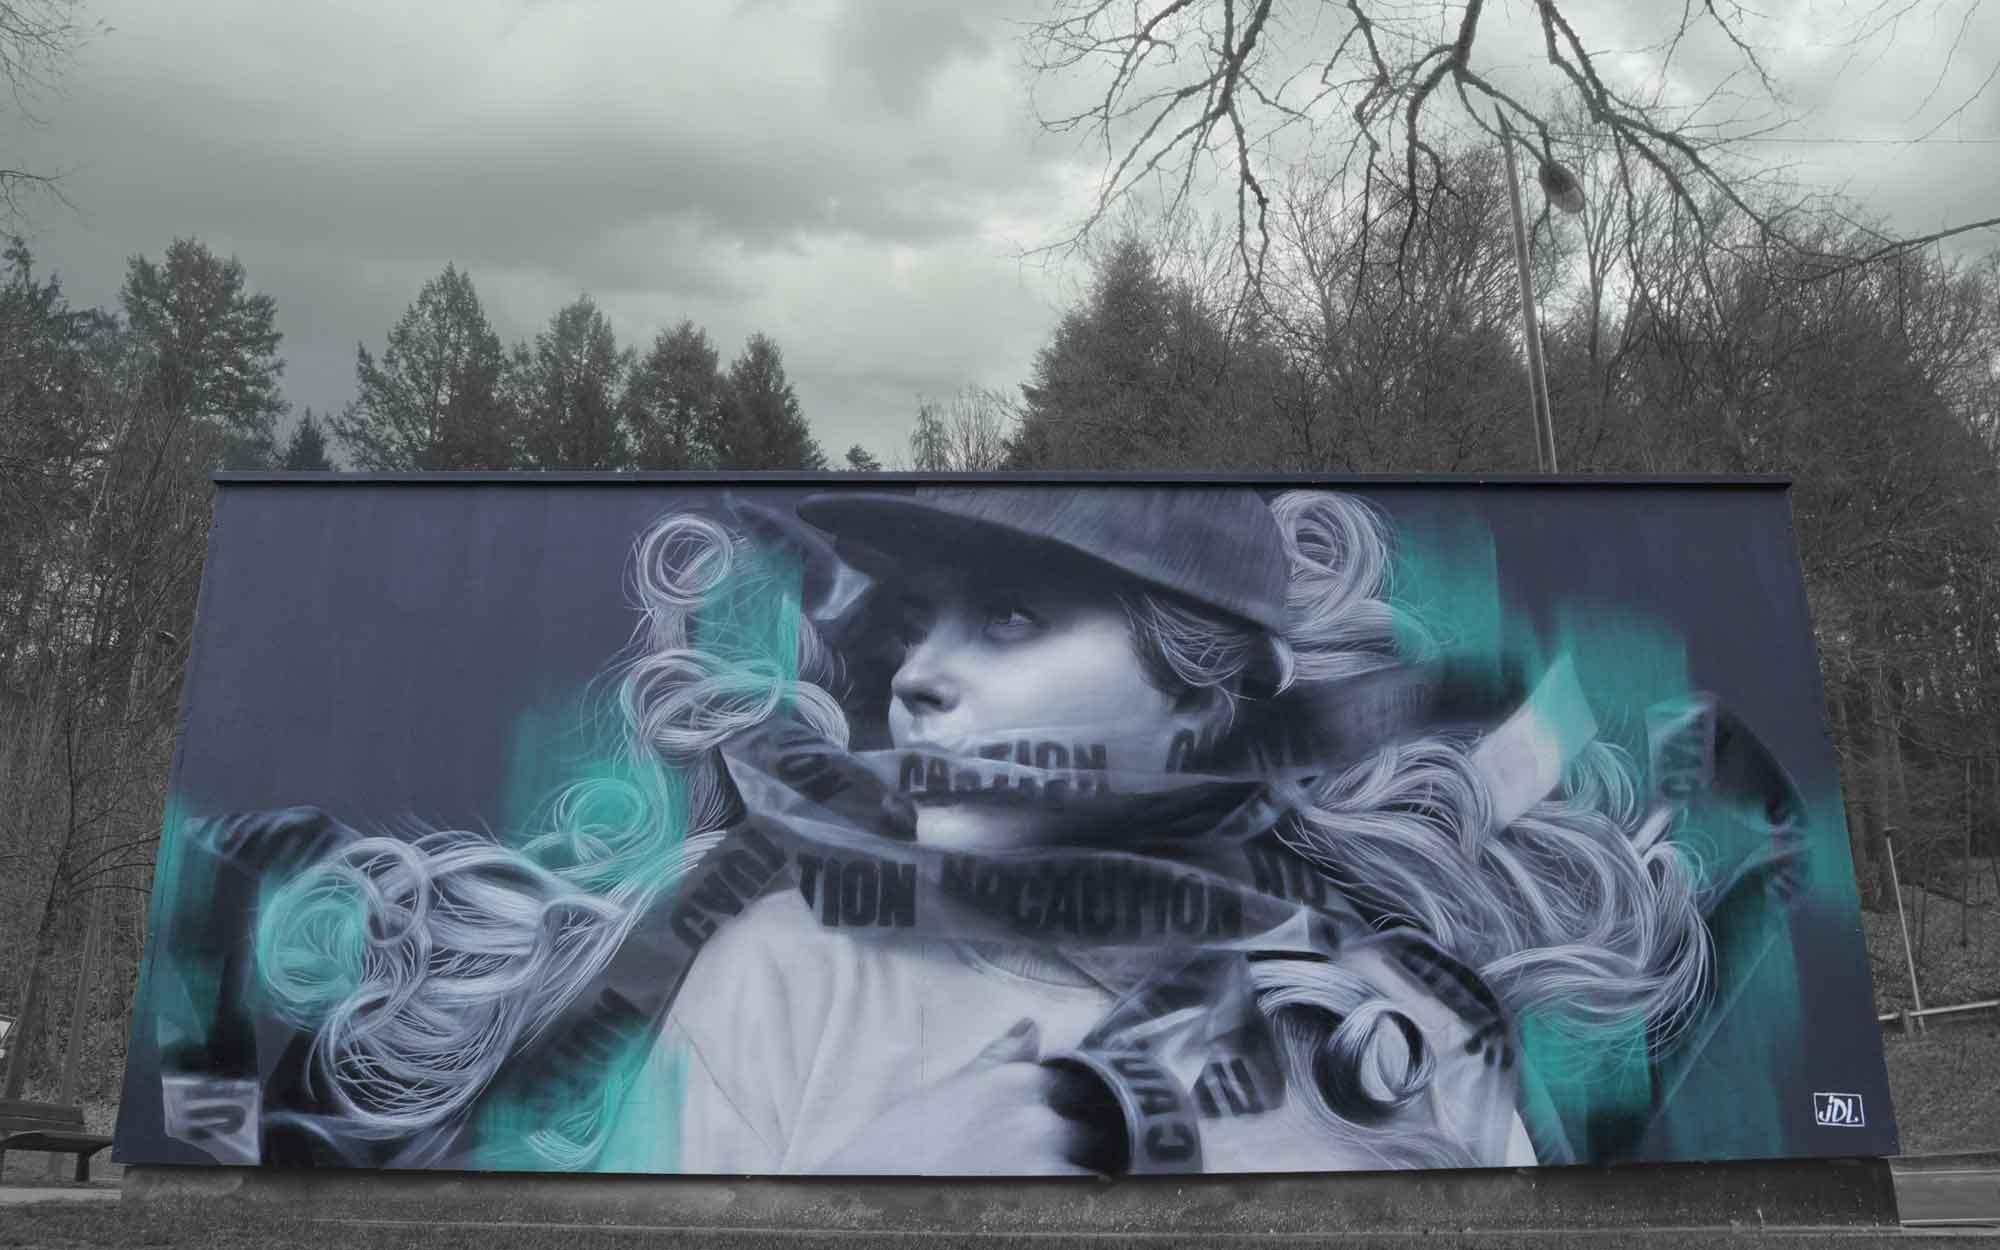 jdl street art, judith de leeuw, epinal, france, mural, construction, le mur